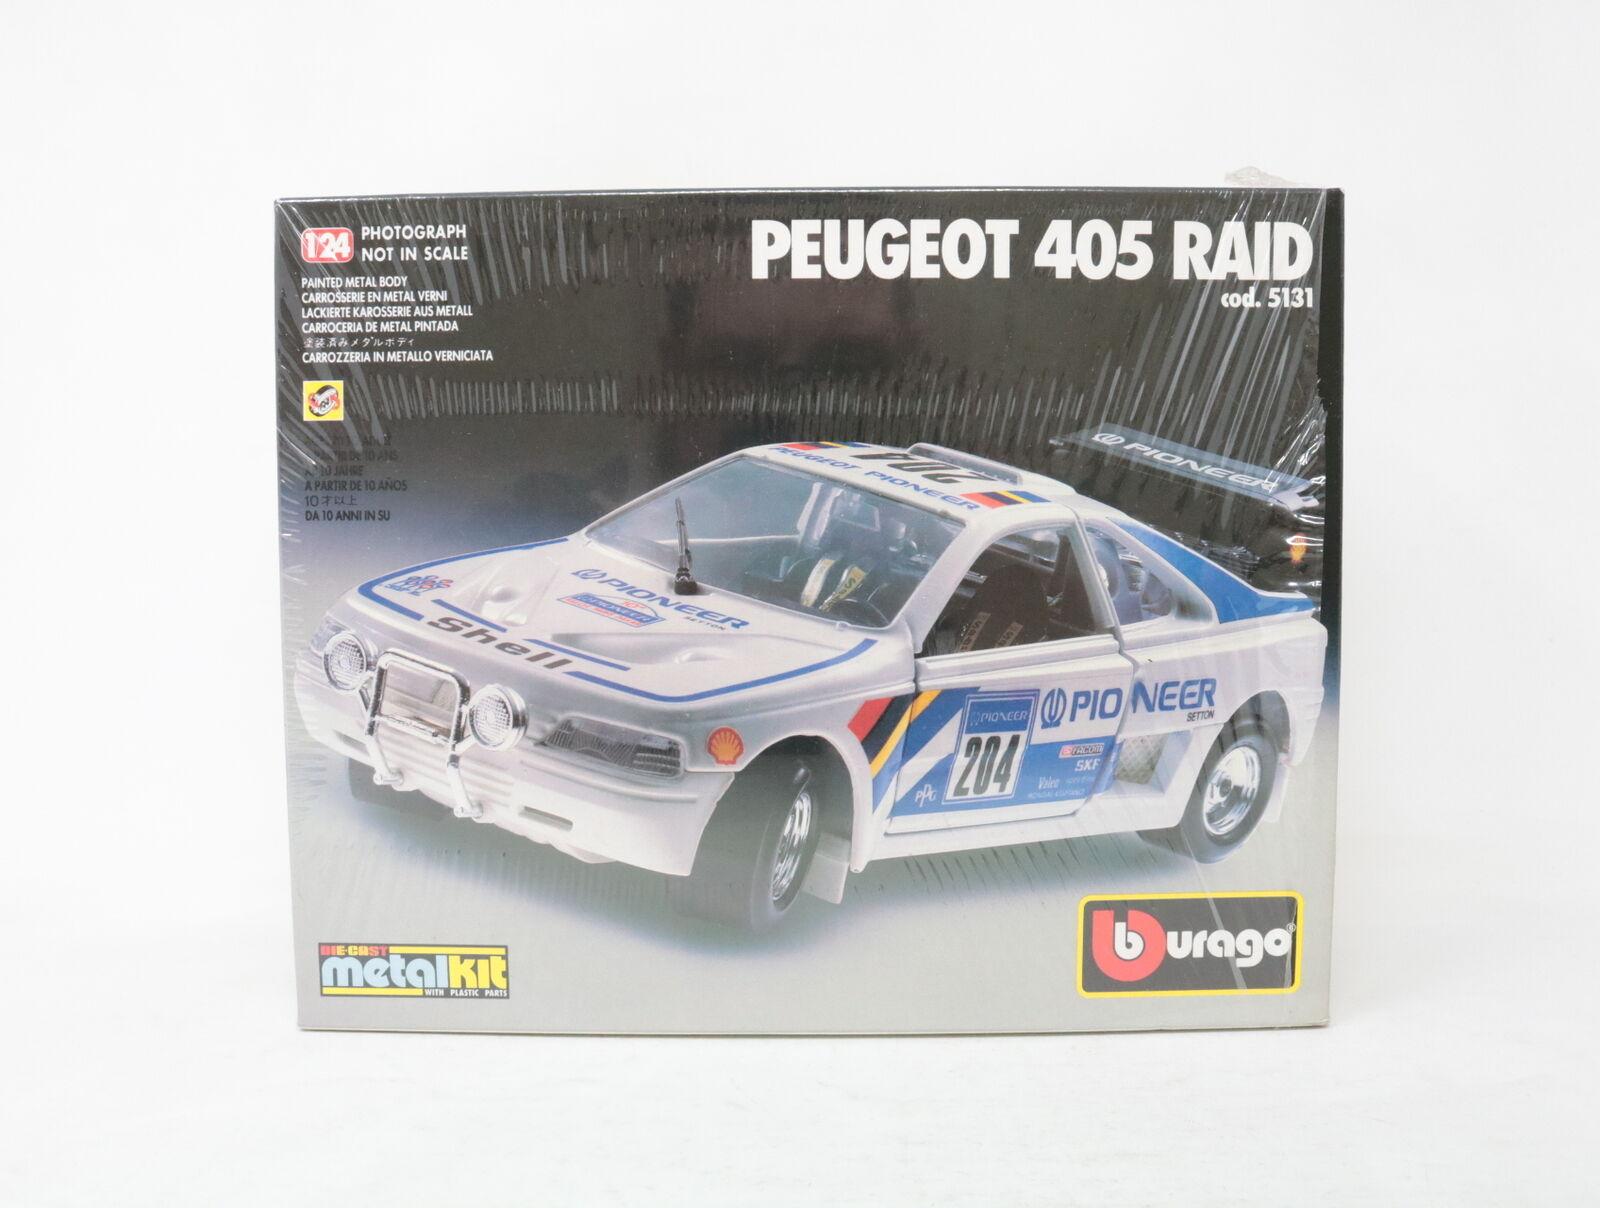 1 24 BBURAGO Metal Kit peugeot 405 RAID COD.531 [yp-008]